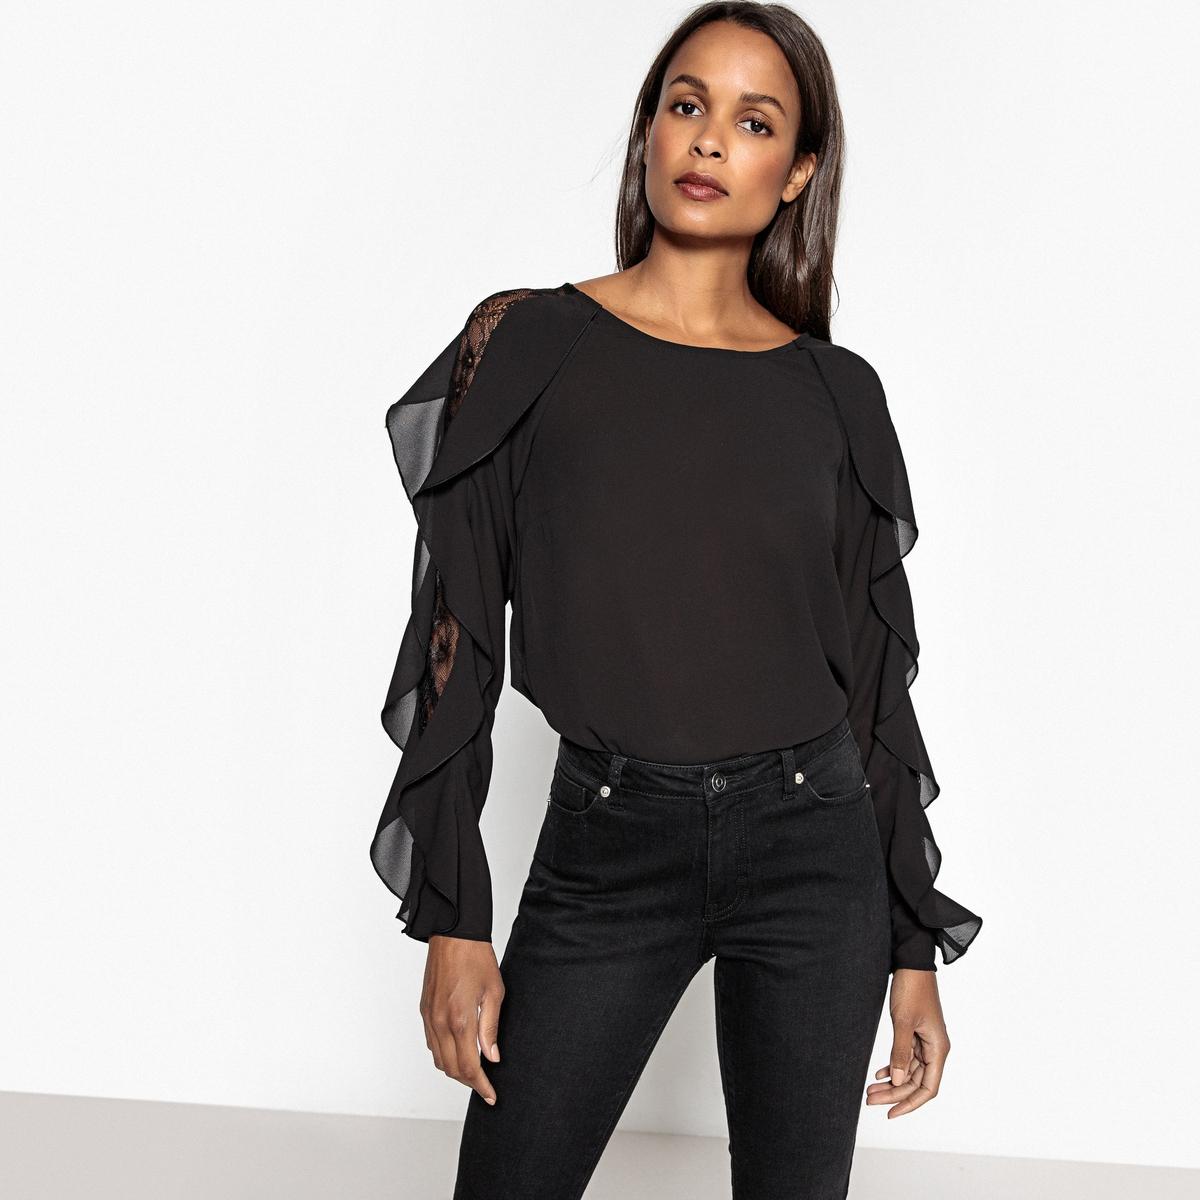 Блузка с длинными рукавами, воланами и кружевом